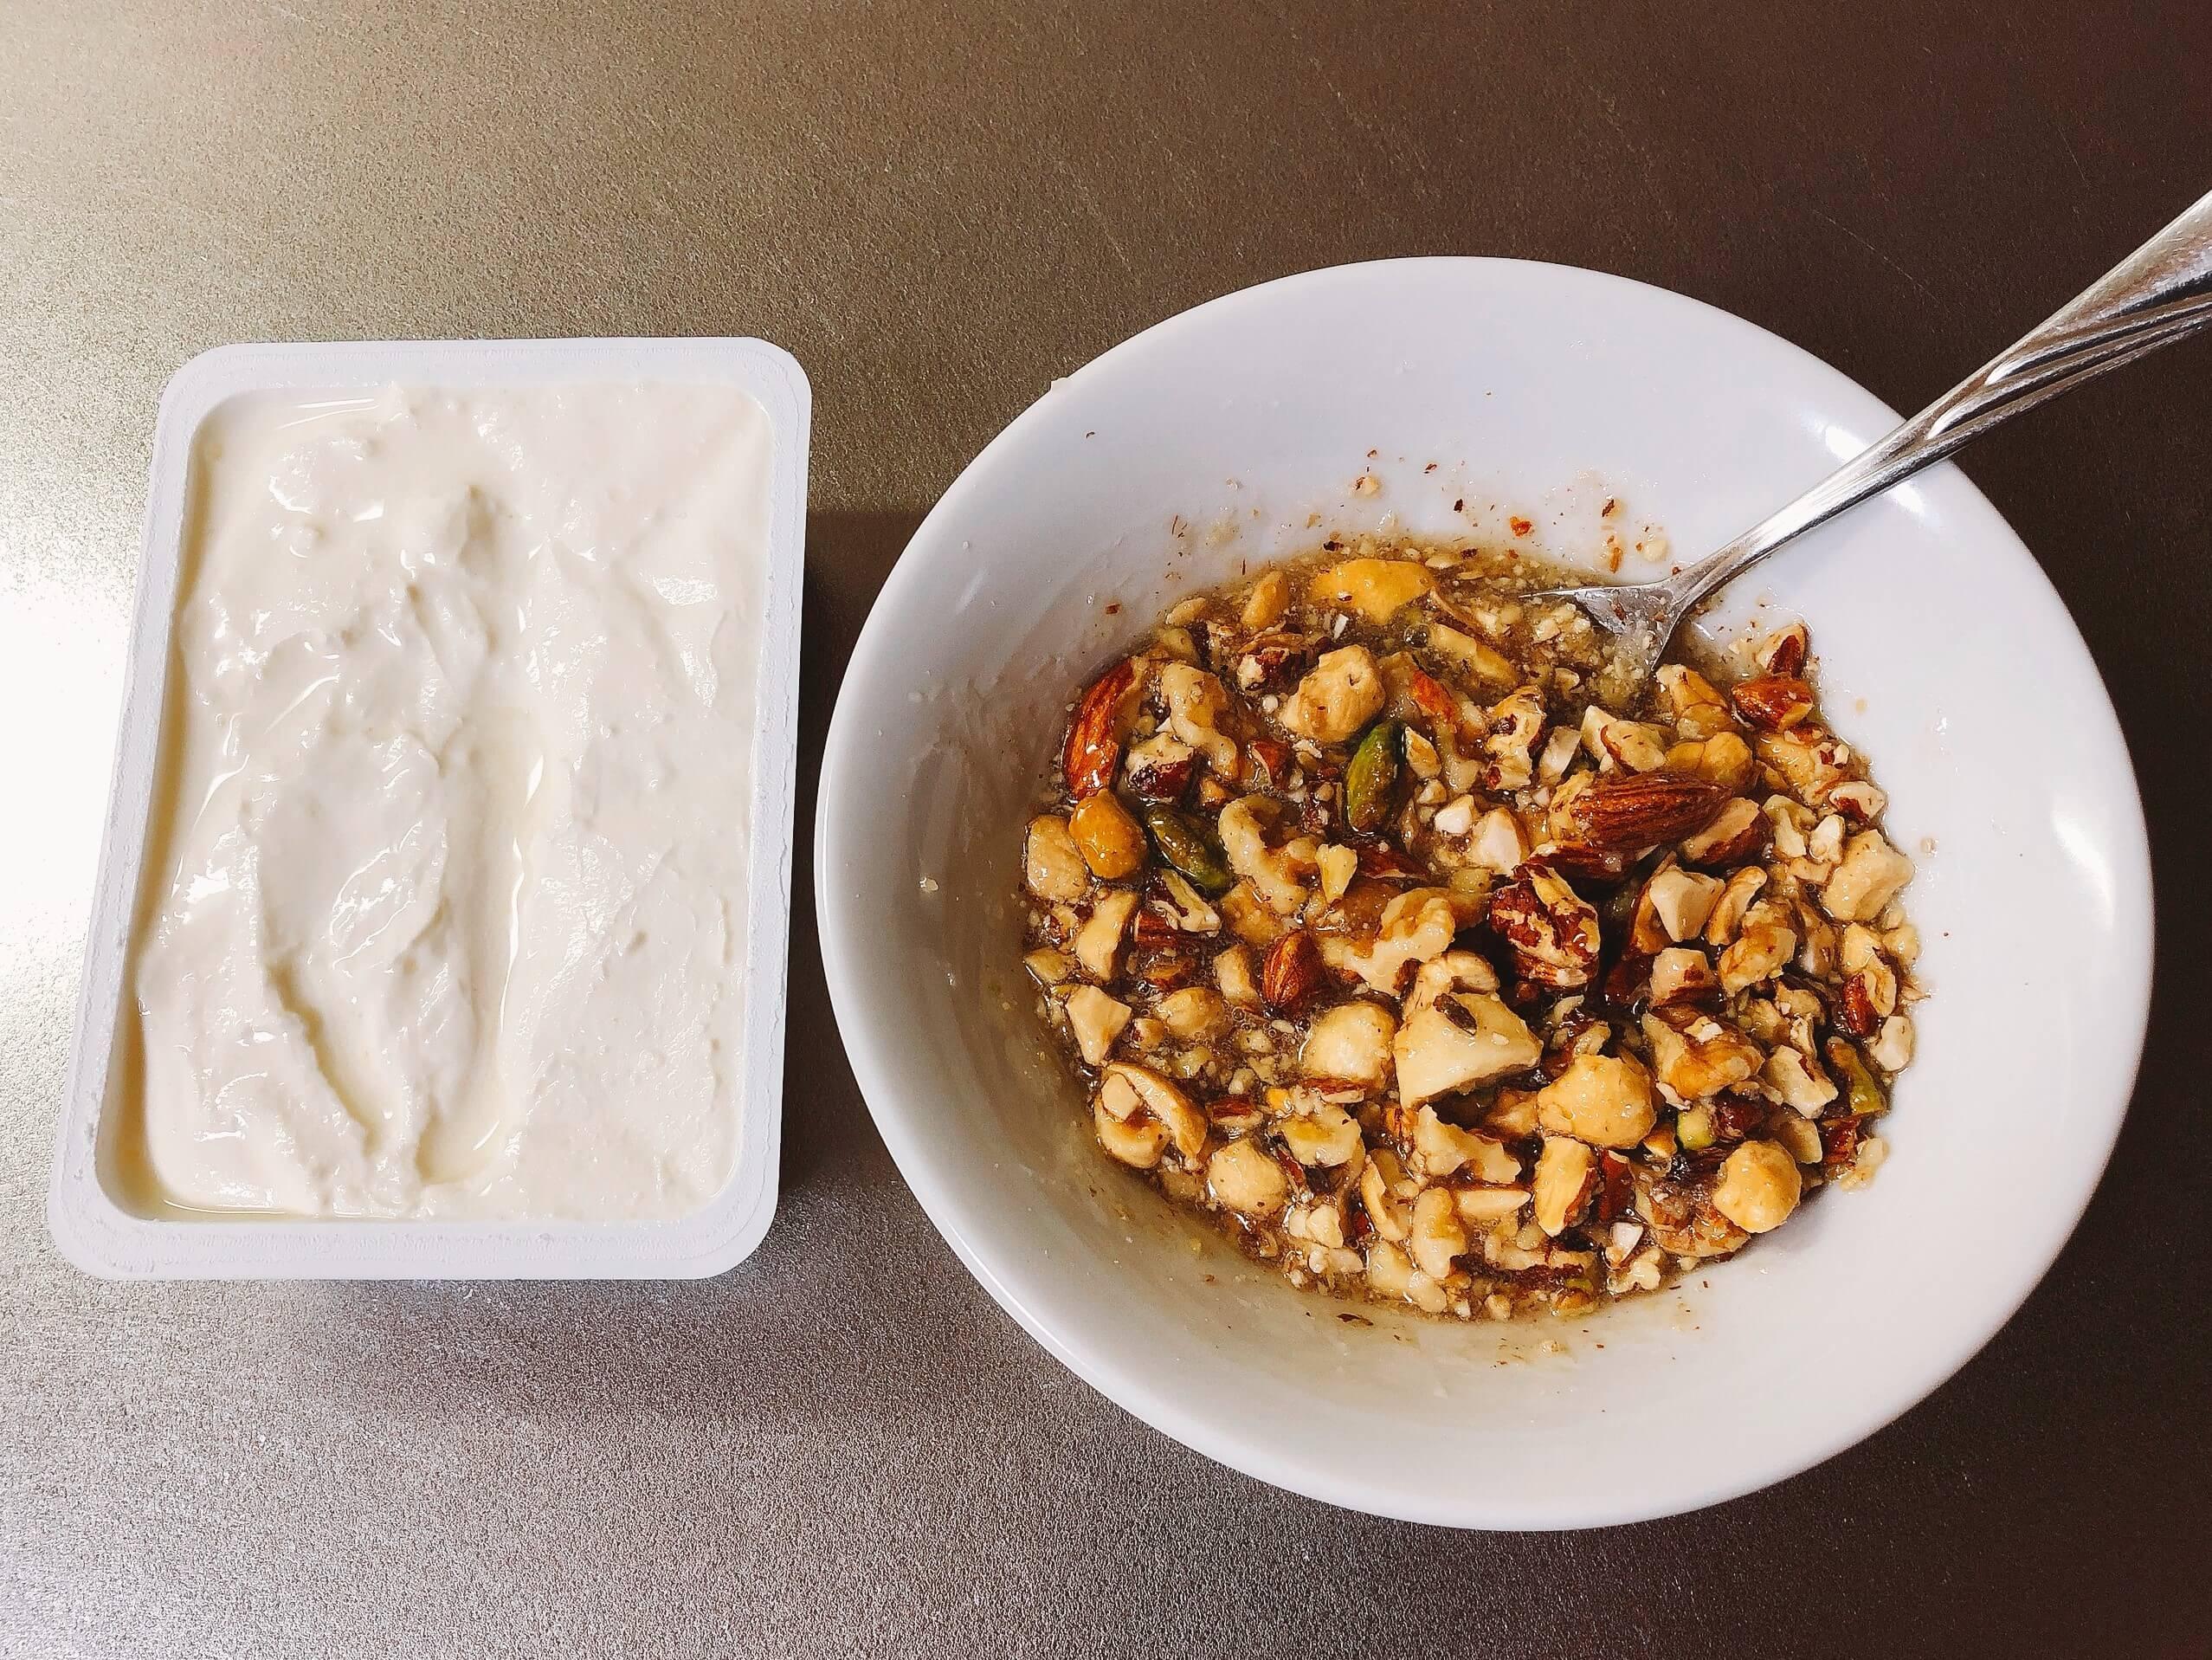 クリームチーズはちみつナッツホットサンドのナッツをはちみつと混ぜる